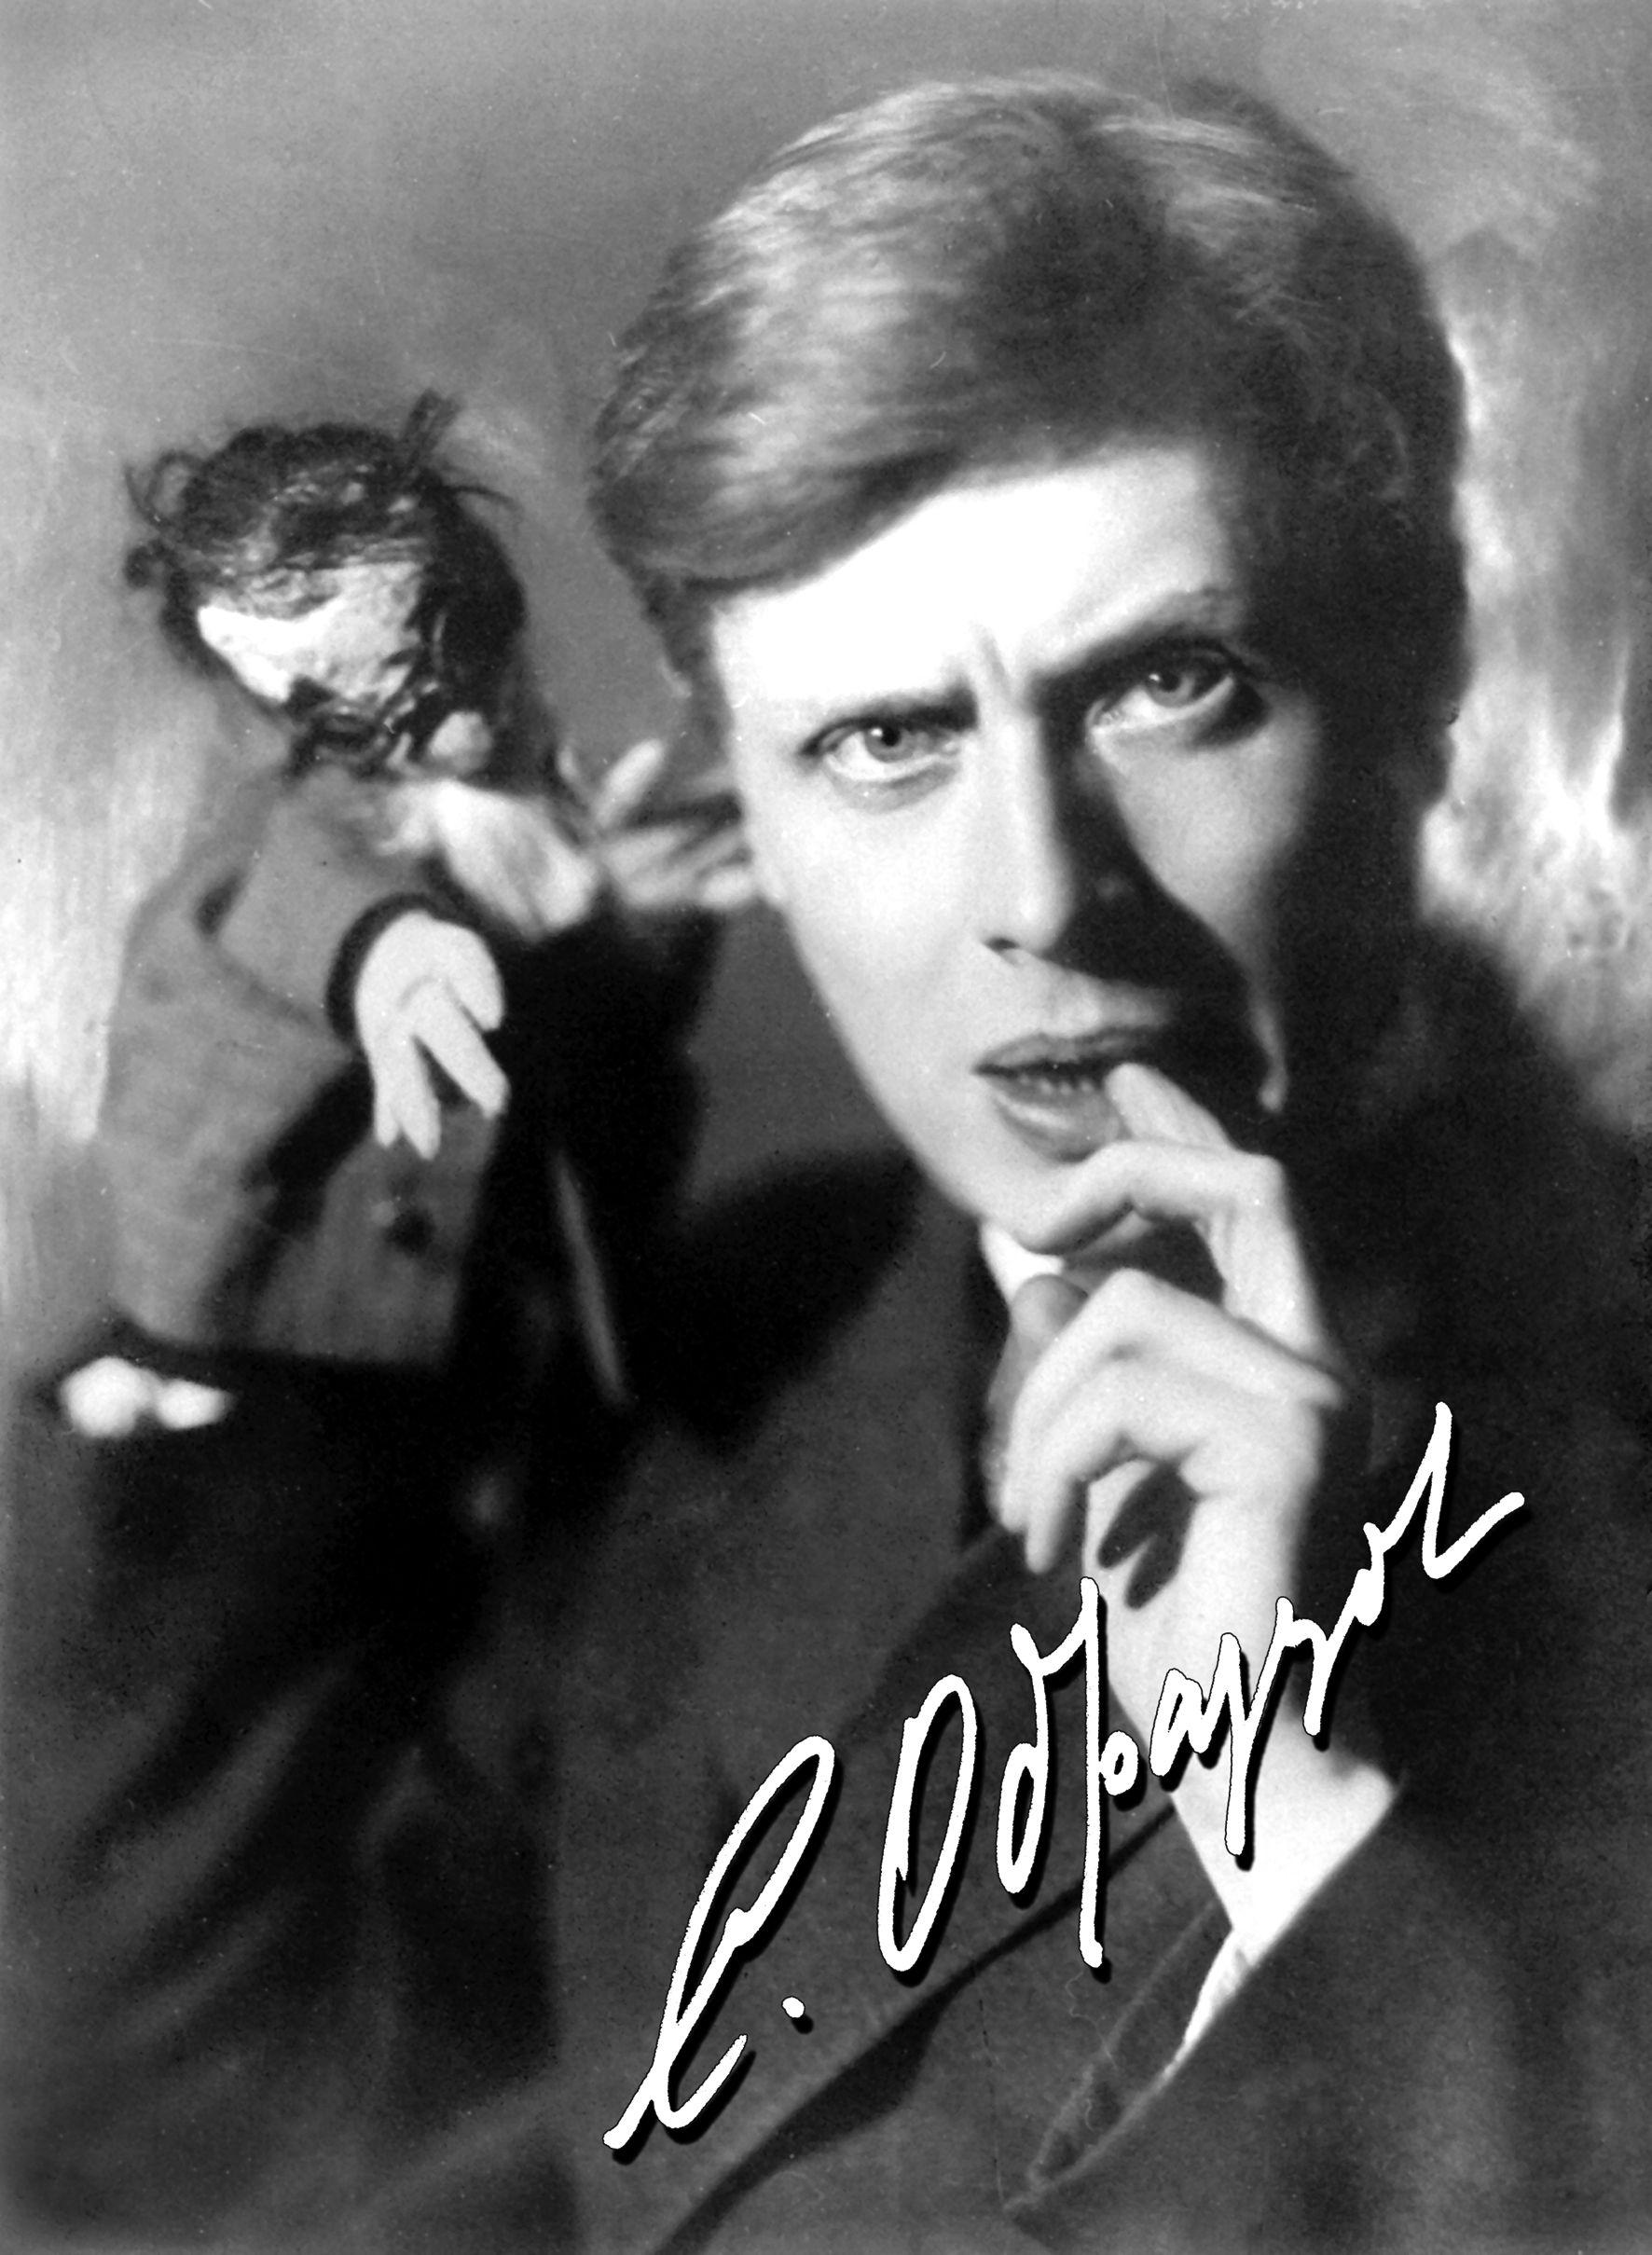 Sergueï Obraztsov (1901-1992), marionnettiste et personnalité du théâtre russe (photo des années trente). Photo réproduite avec l'aimable autorisation de Collection : Gosudarstvenny akademichesky tsentralny teatr kukol imeni S. V. Obraztsova, Musée de la Marionnette (Moscou, Russie)